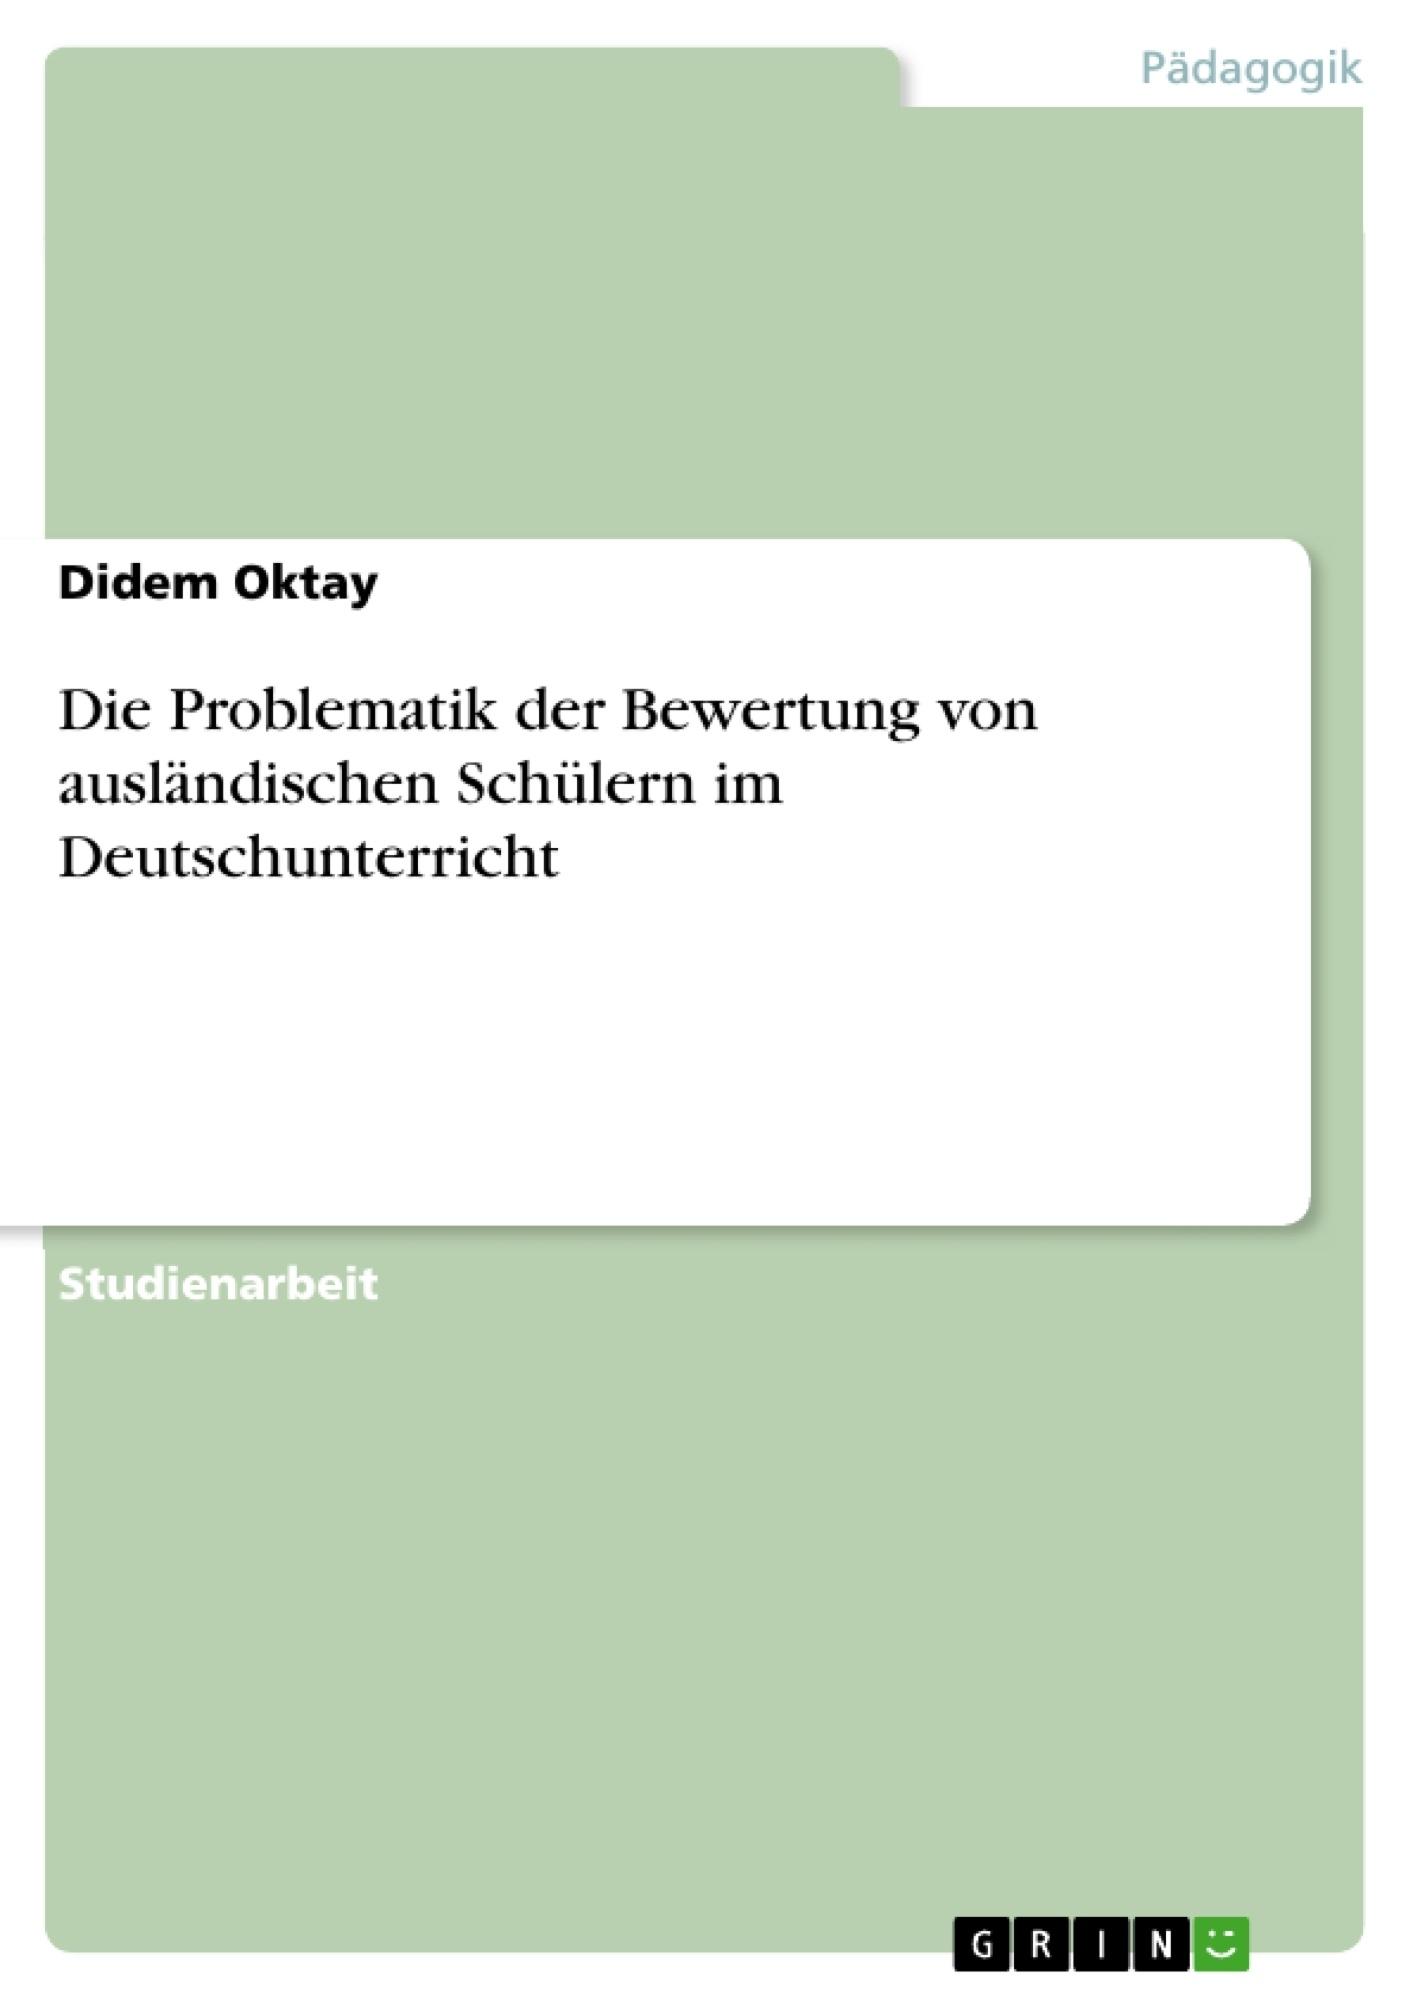 Titel: Die Problematik der Bewertung von ausländischen Schülern im Deutschunterricht